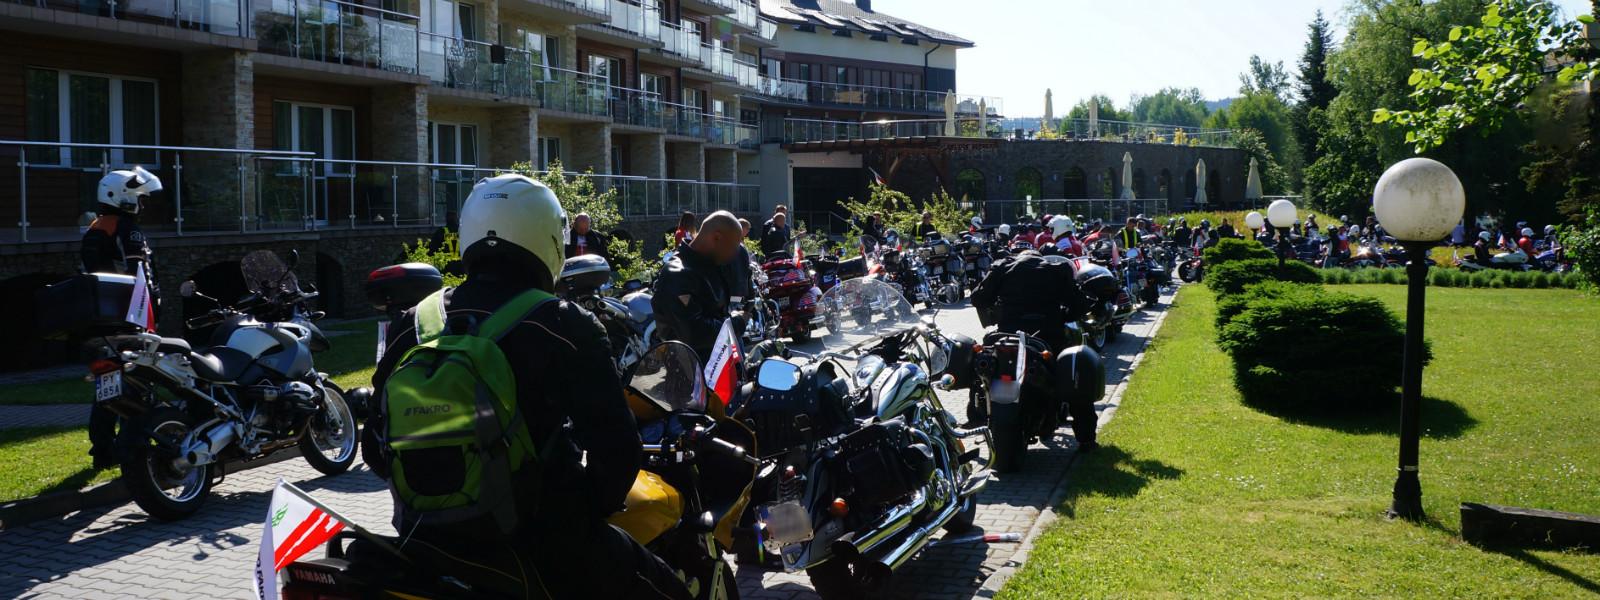 impreza firmowa w Hotelu Ativa - zjazd motocyklistów